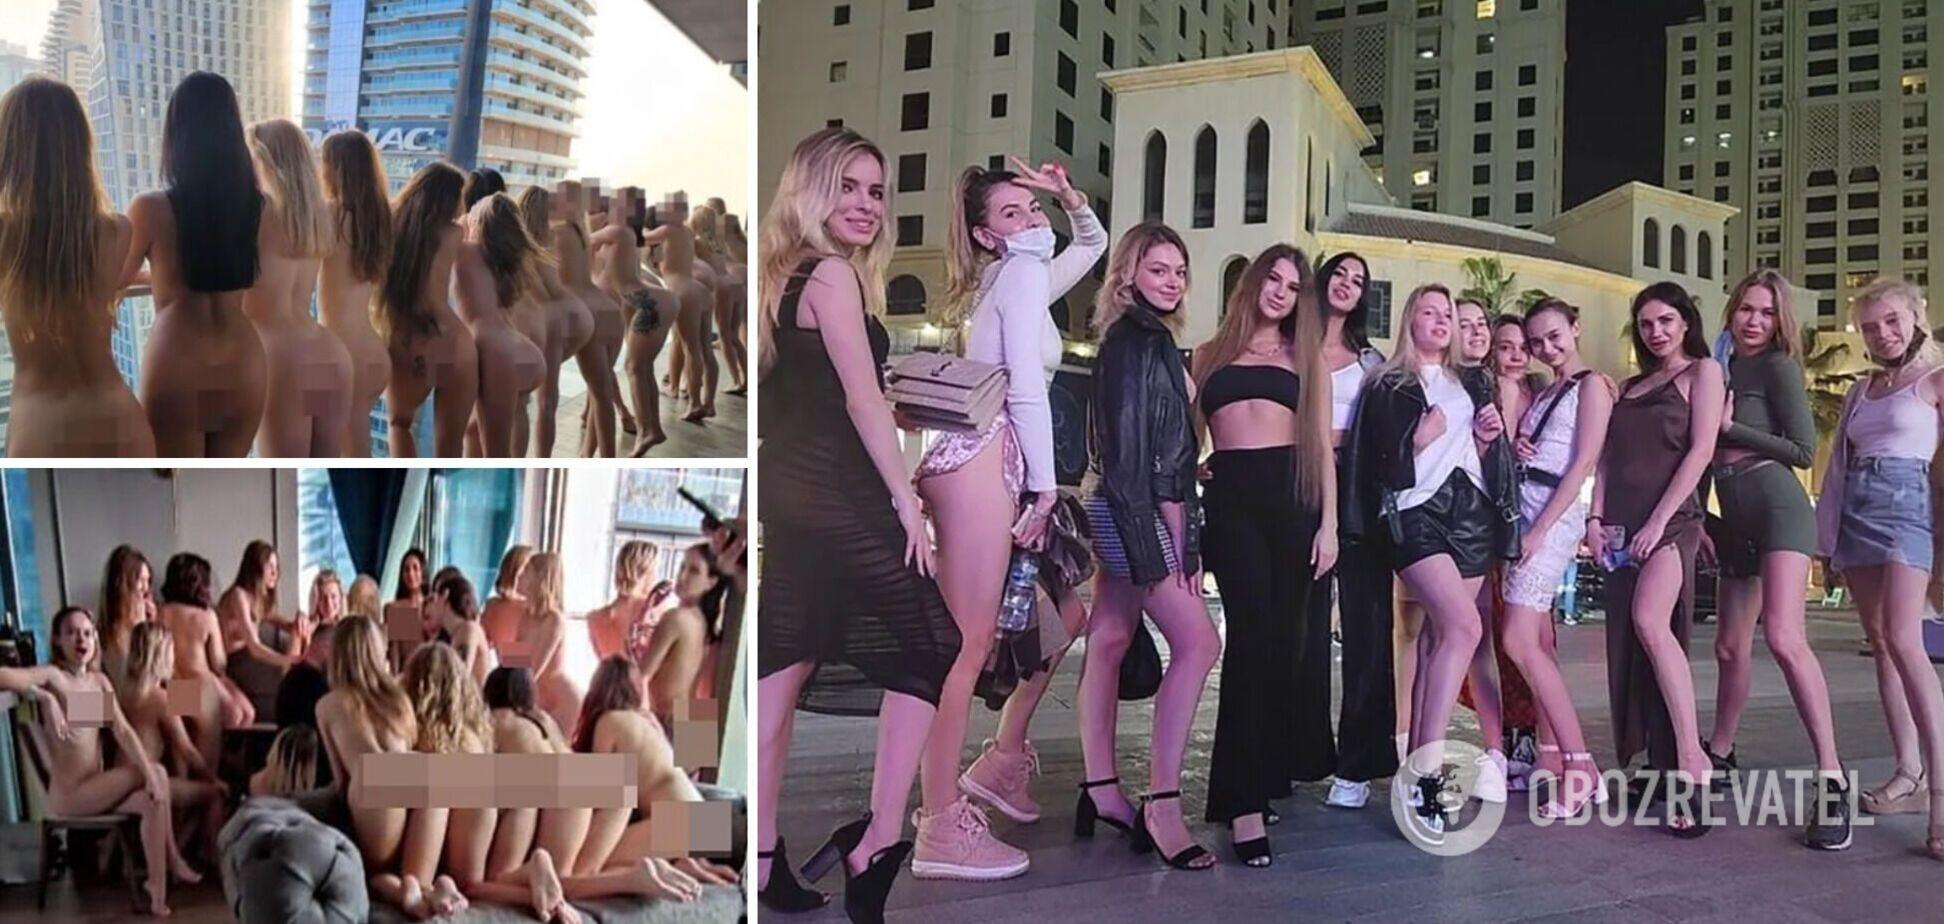 В Дубае за голую фотосессию арестовали 12 украинок. Рассказываем, кто они